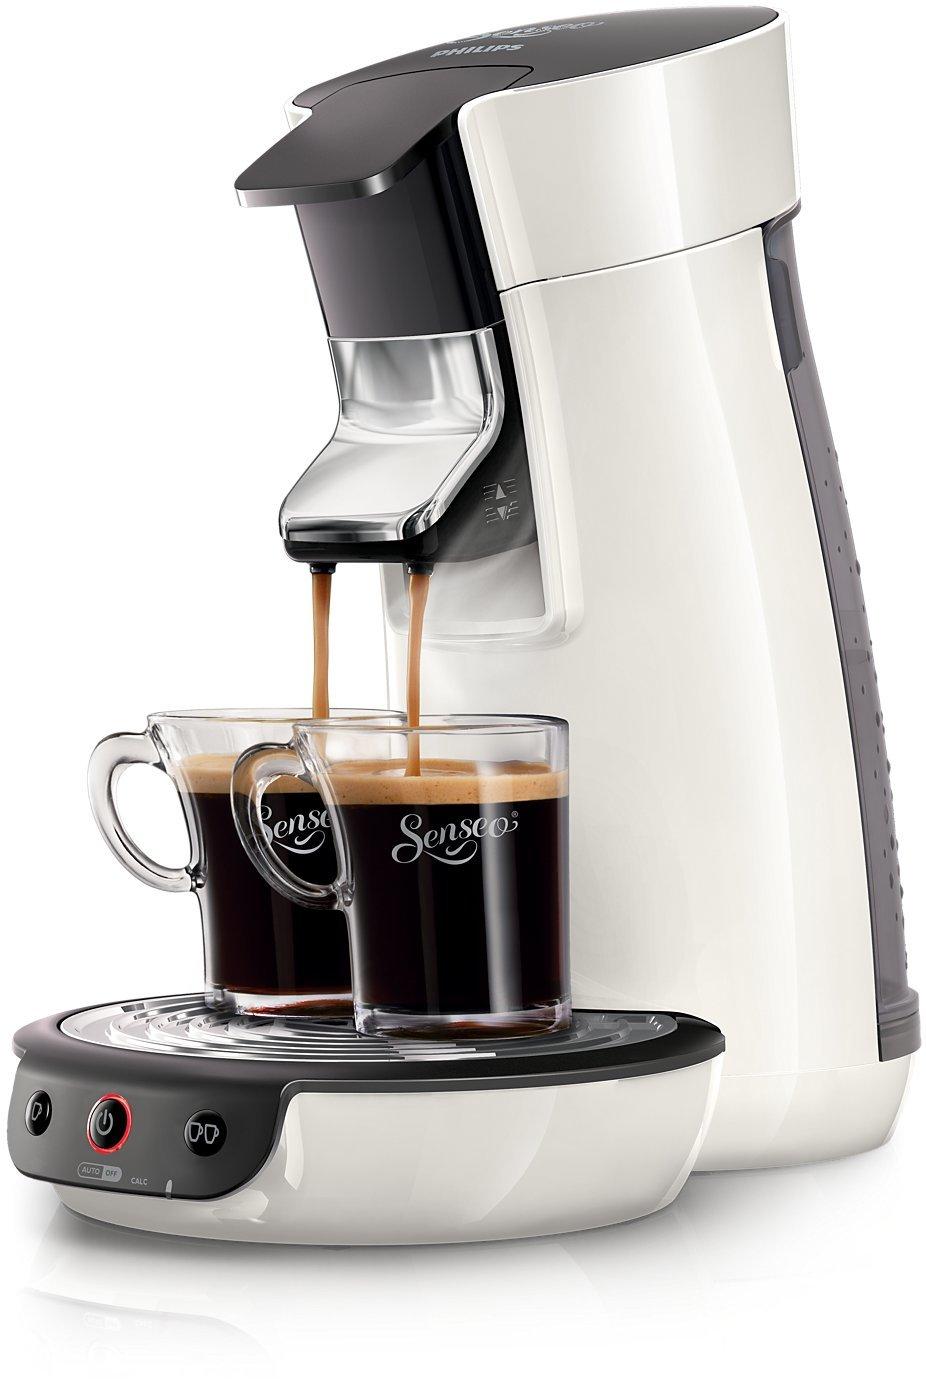 Philips Senseo HD7825/03 Independiente Máquina de café en cápsulas Negro, Blanco 0,9 L 2 tazas - Cafetera (Independiente, Máquina de café en cápsulas, ...